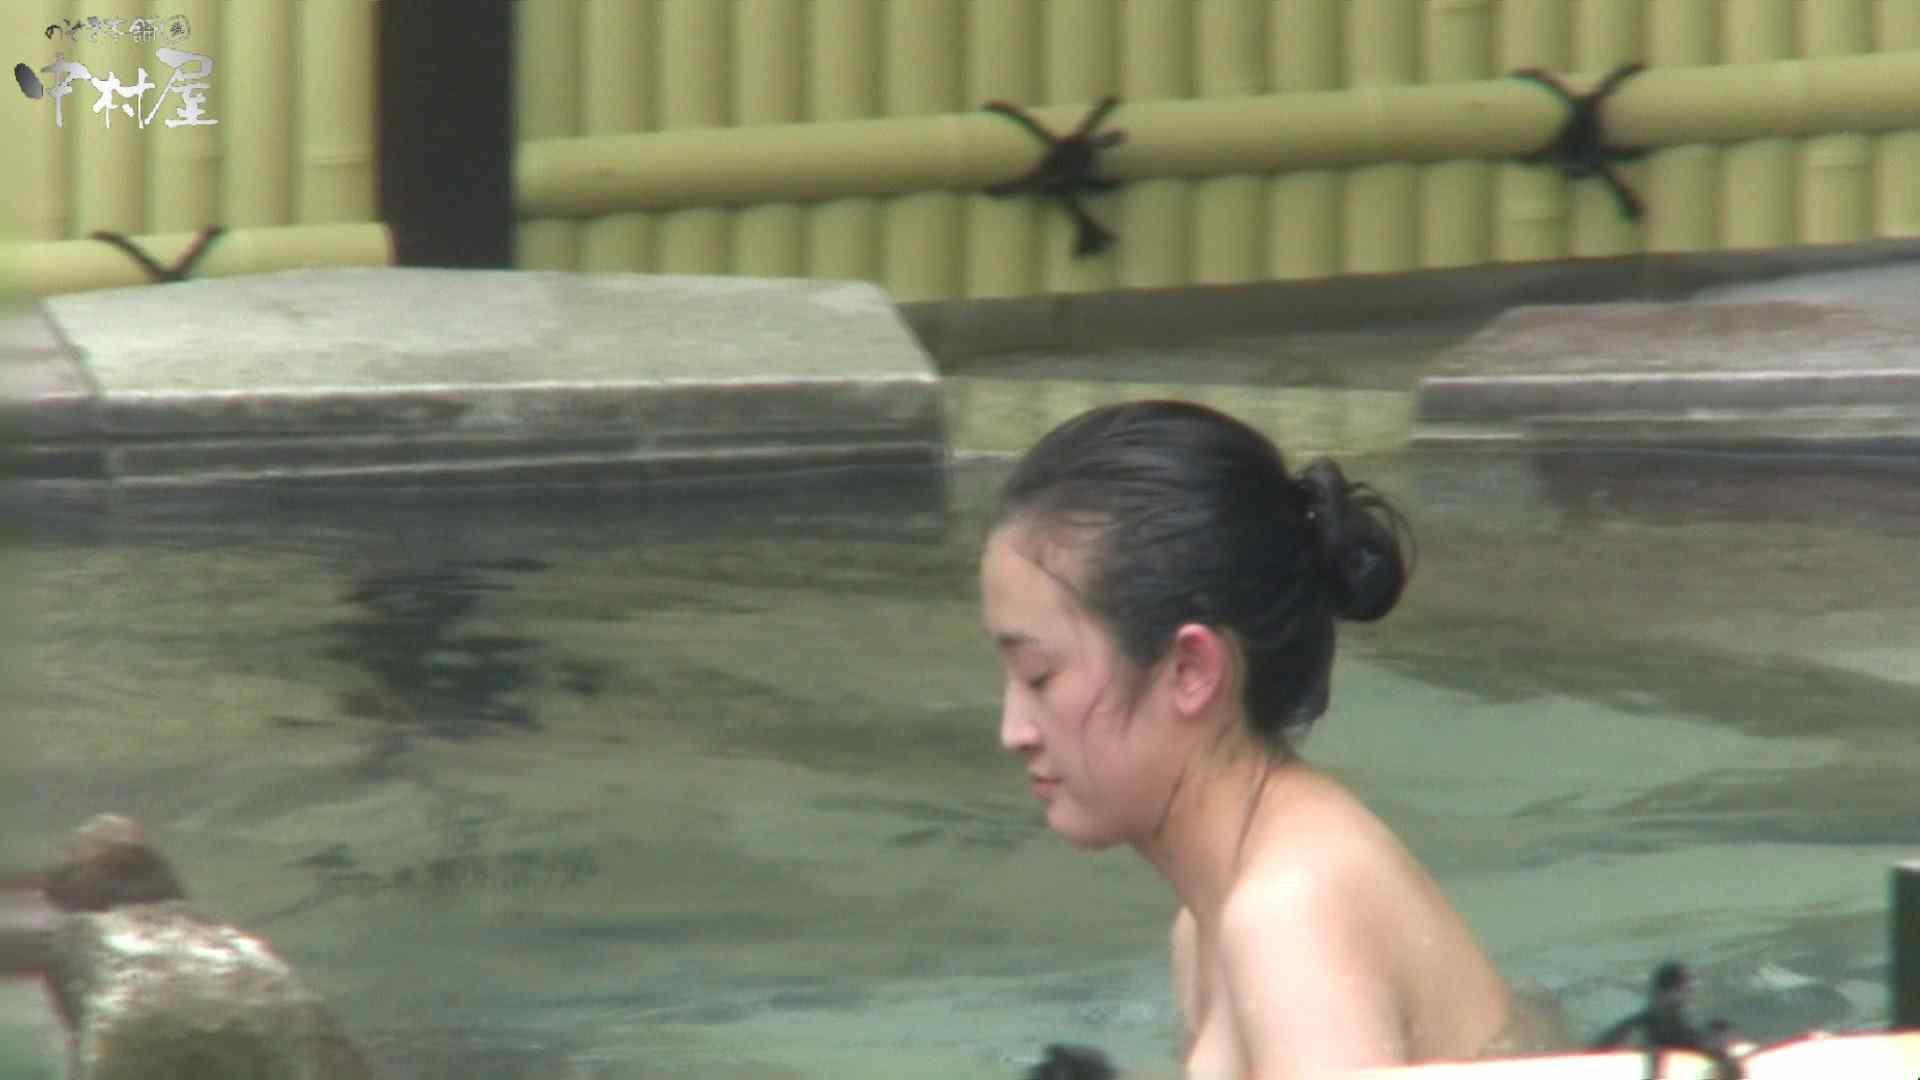 Aquaな露天風呂Vol.949 露天 | 盗撮特集  106画像 50